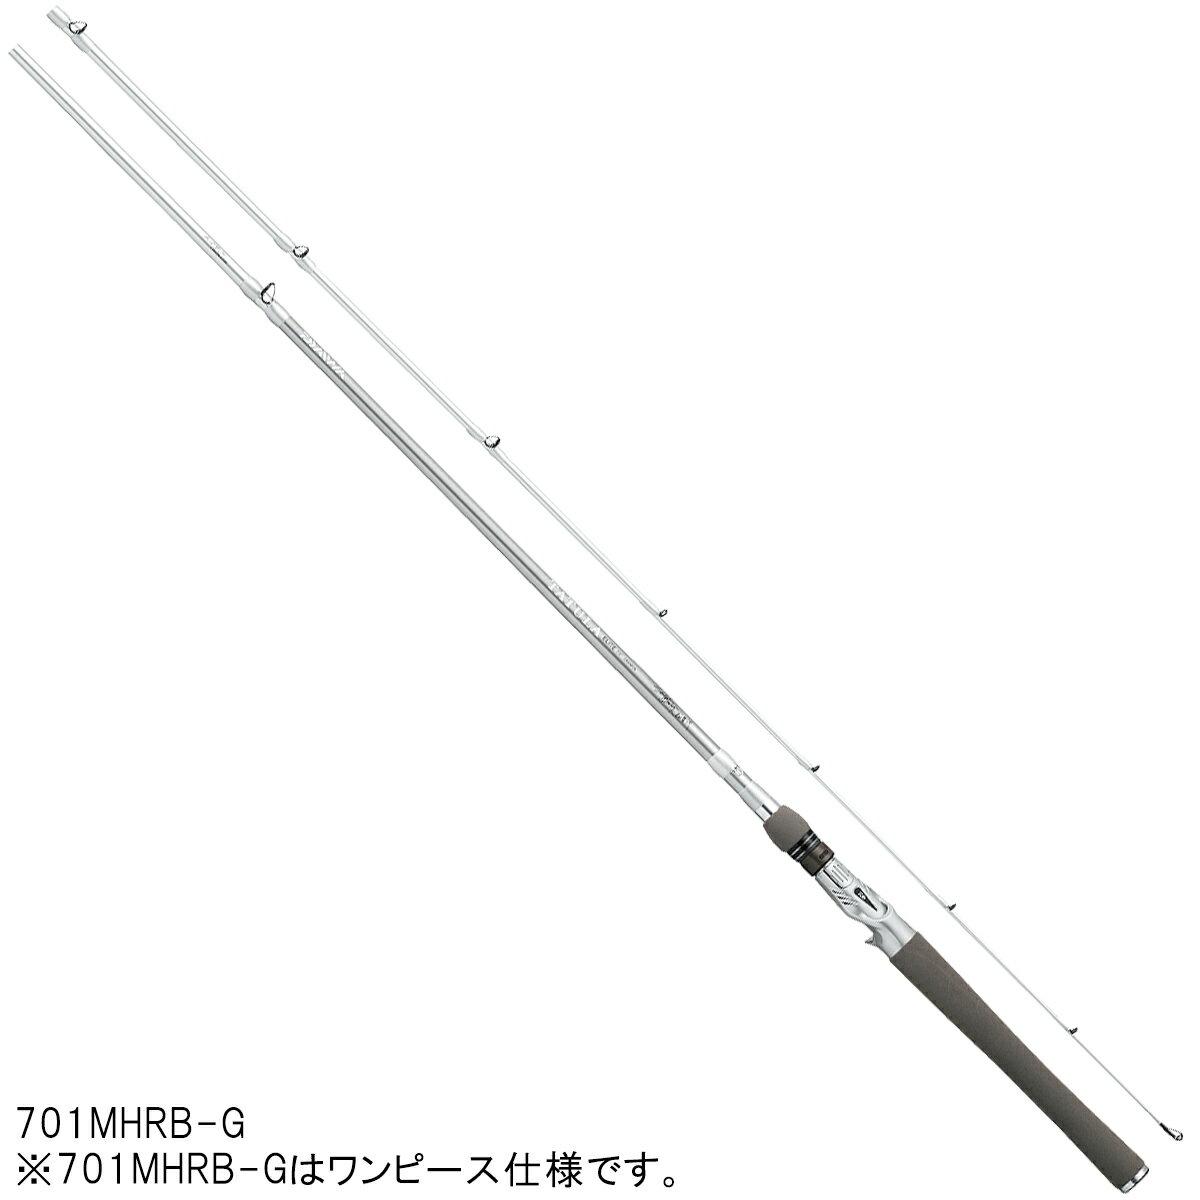 ダイワ タトゥーラ エリート 701MHRB-G【大型商品】【送料無料】